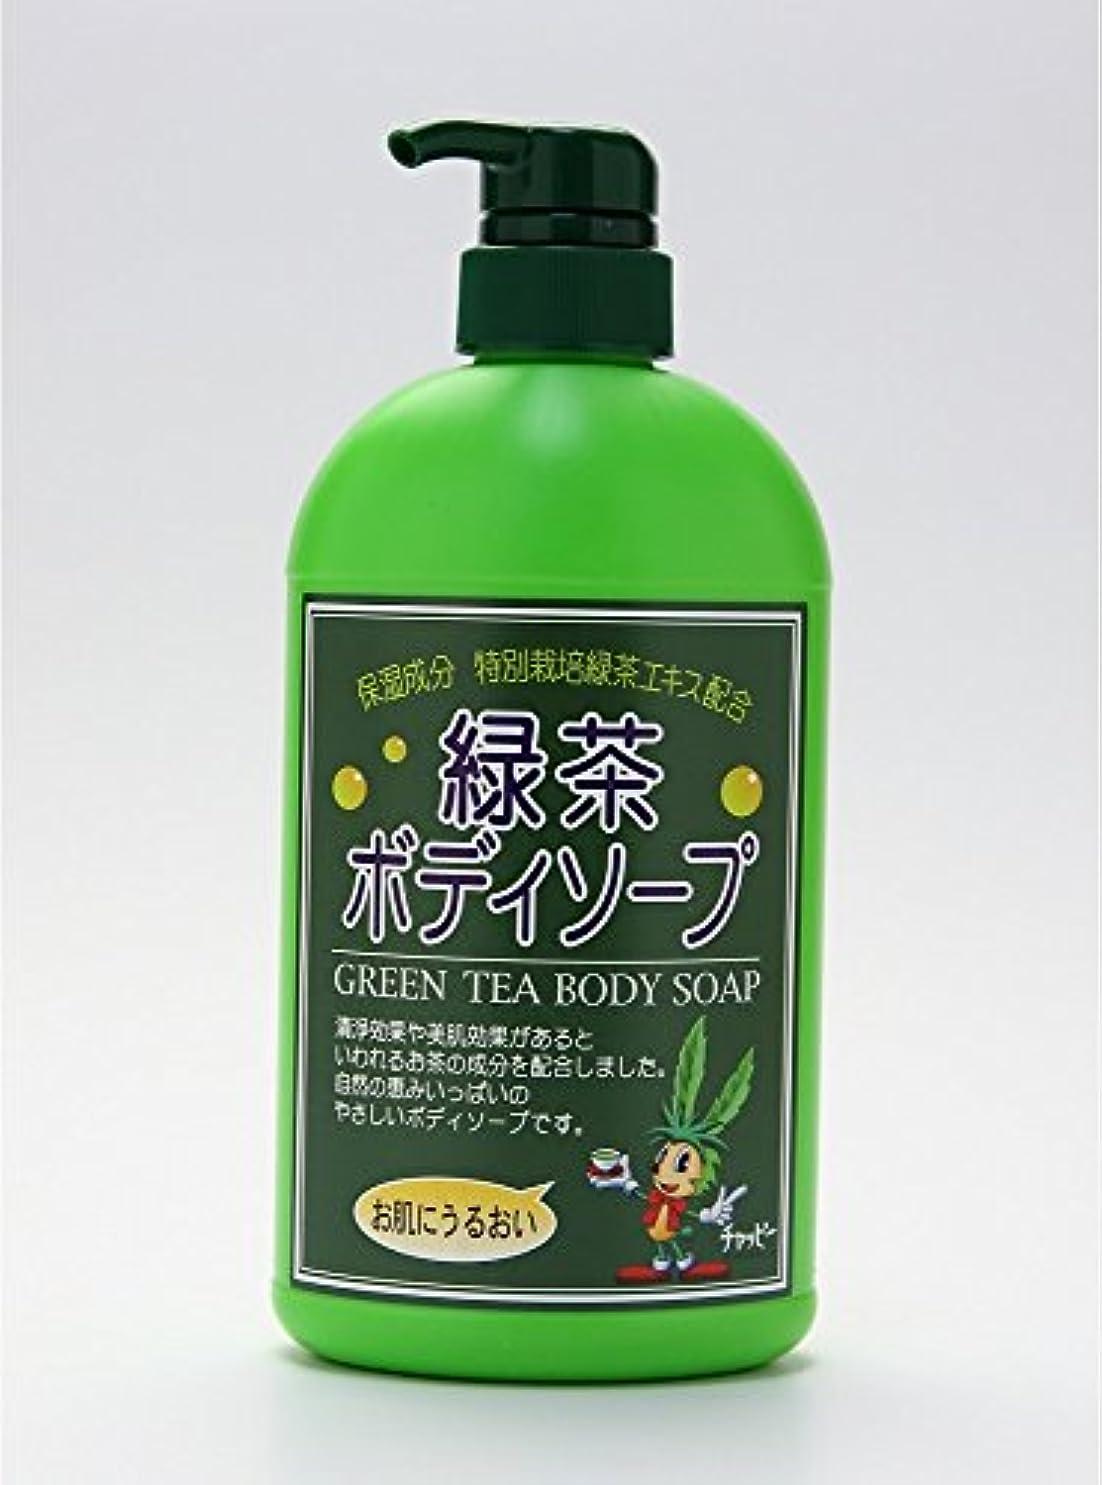 スノーケル質素なしない緑茶ボディーソープ 550ml